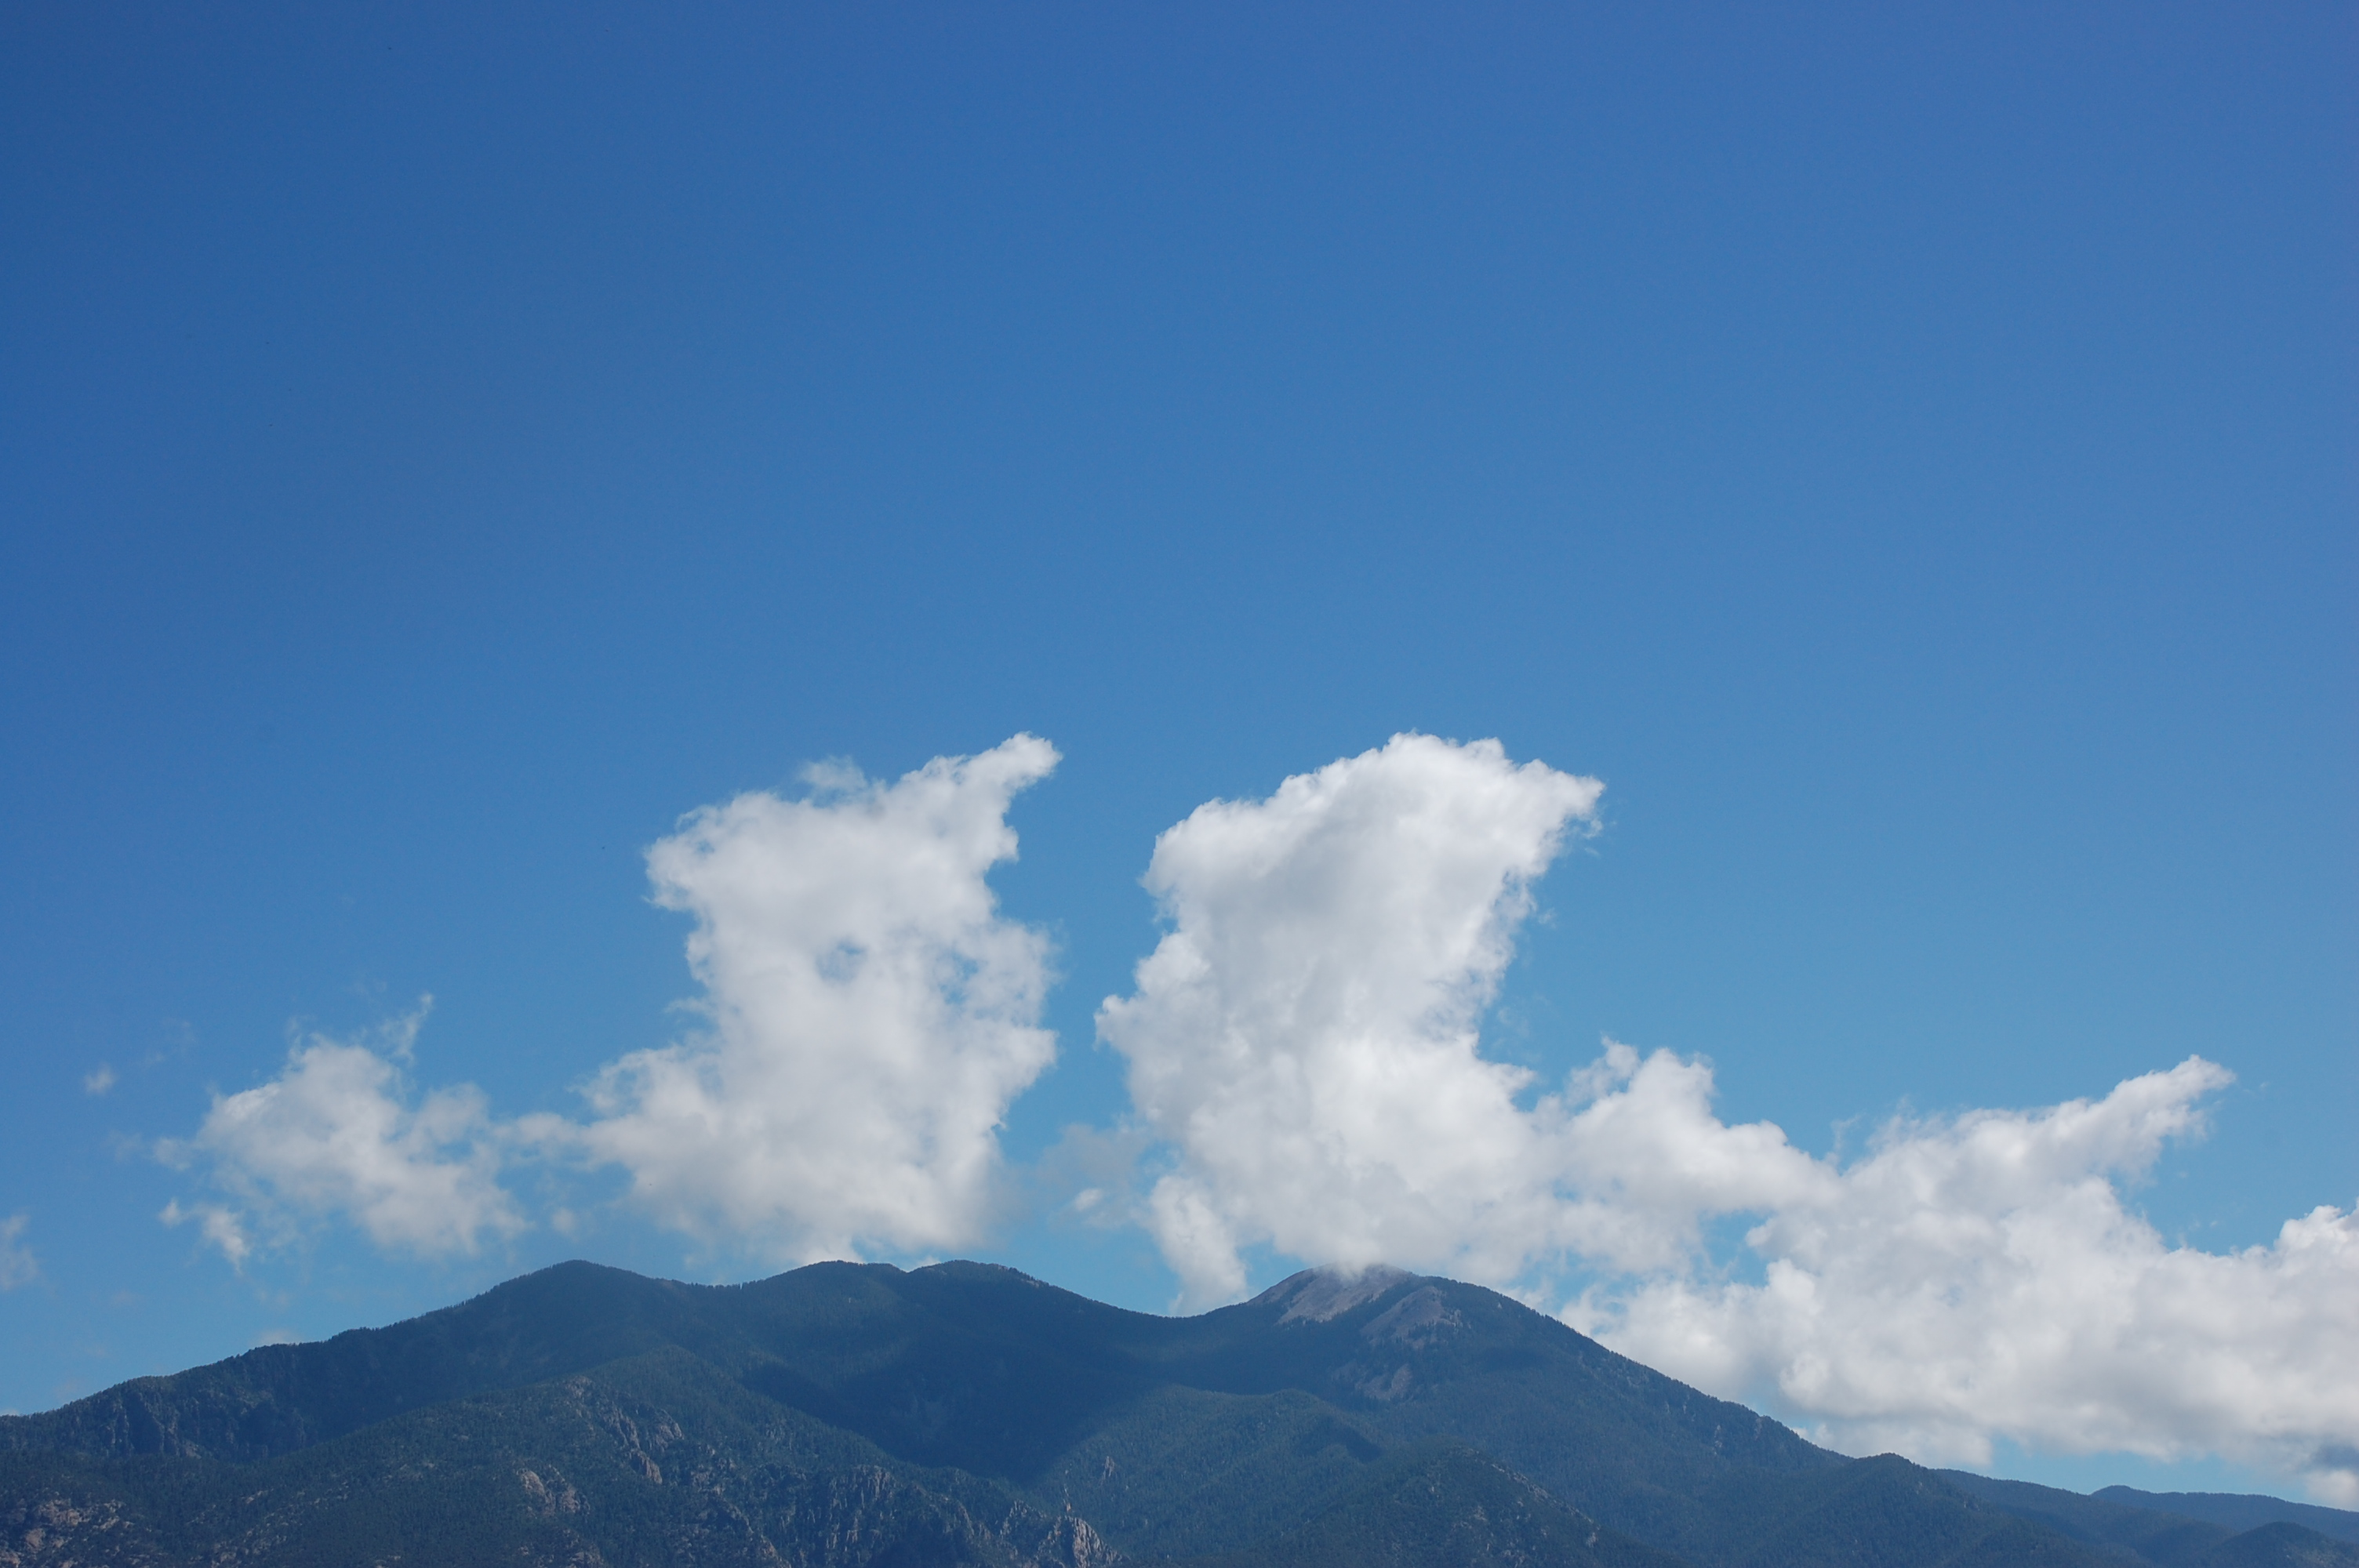 taos mountains by amara ann bertorelli